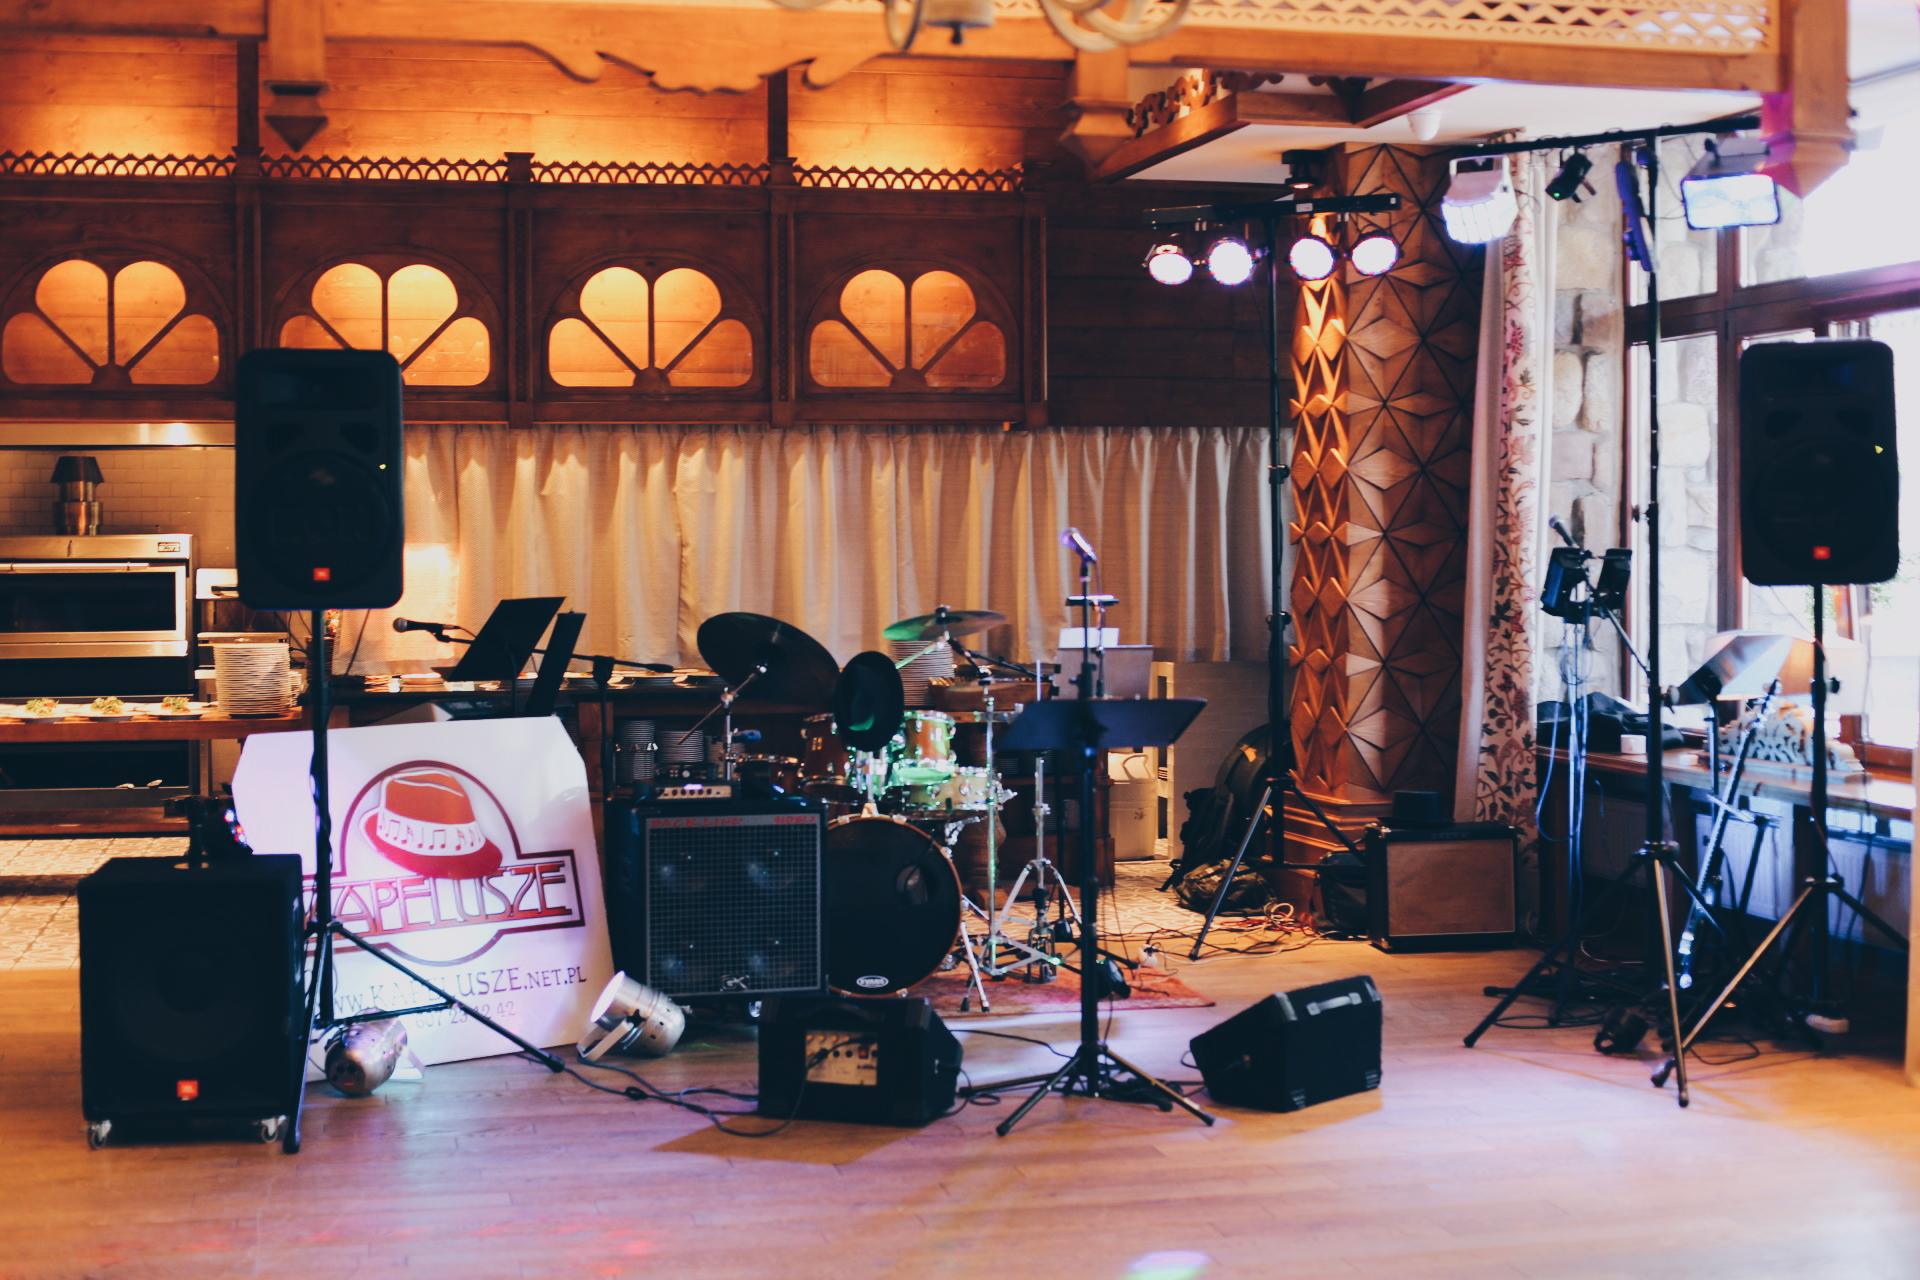 Kapelusze w Restauracji Halka, Hotel Aries w Zakopanem.  23.07.2016